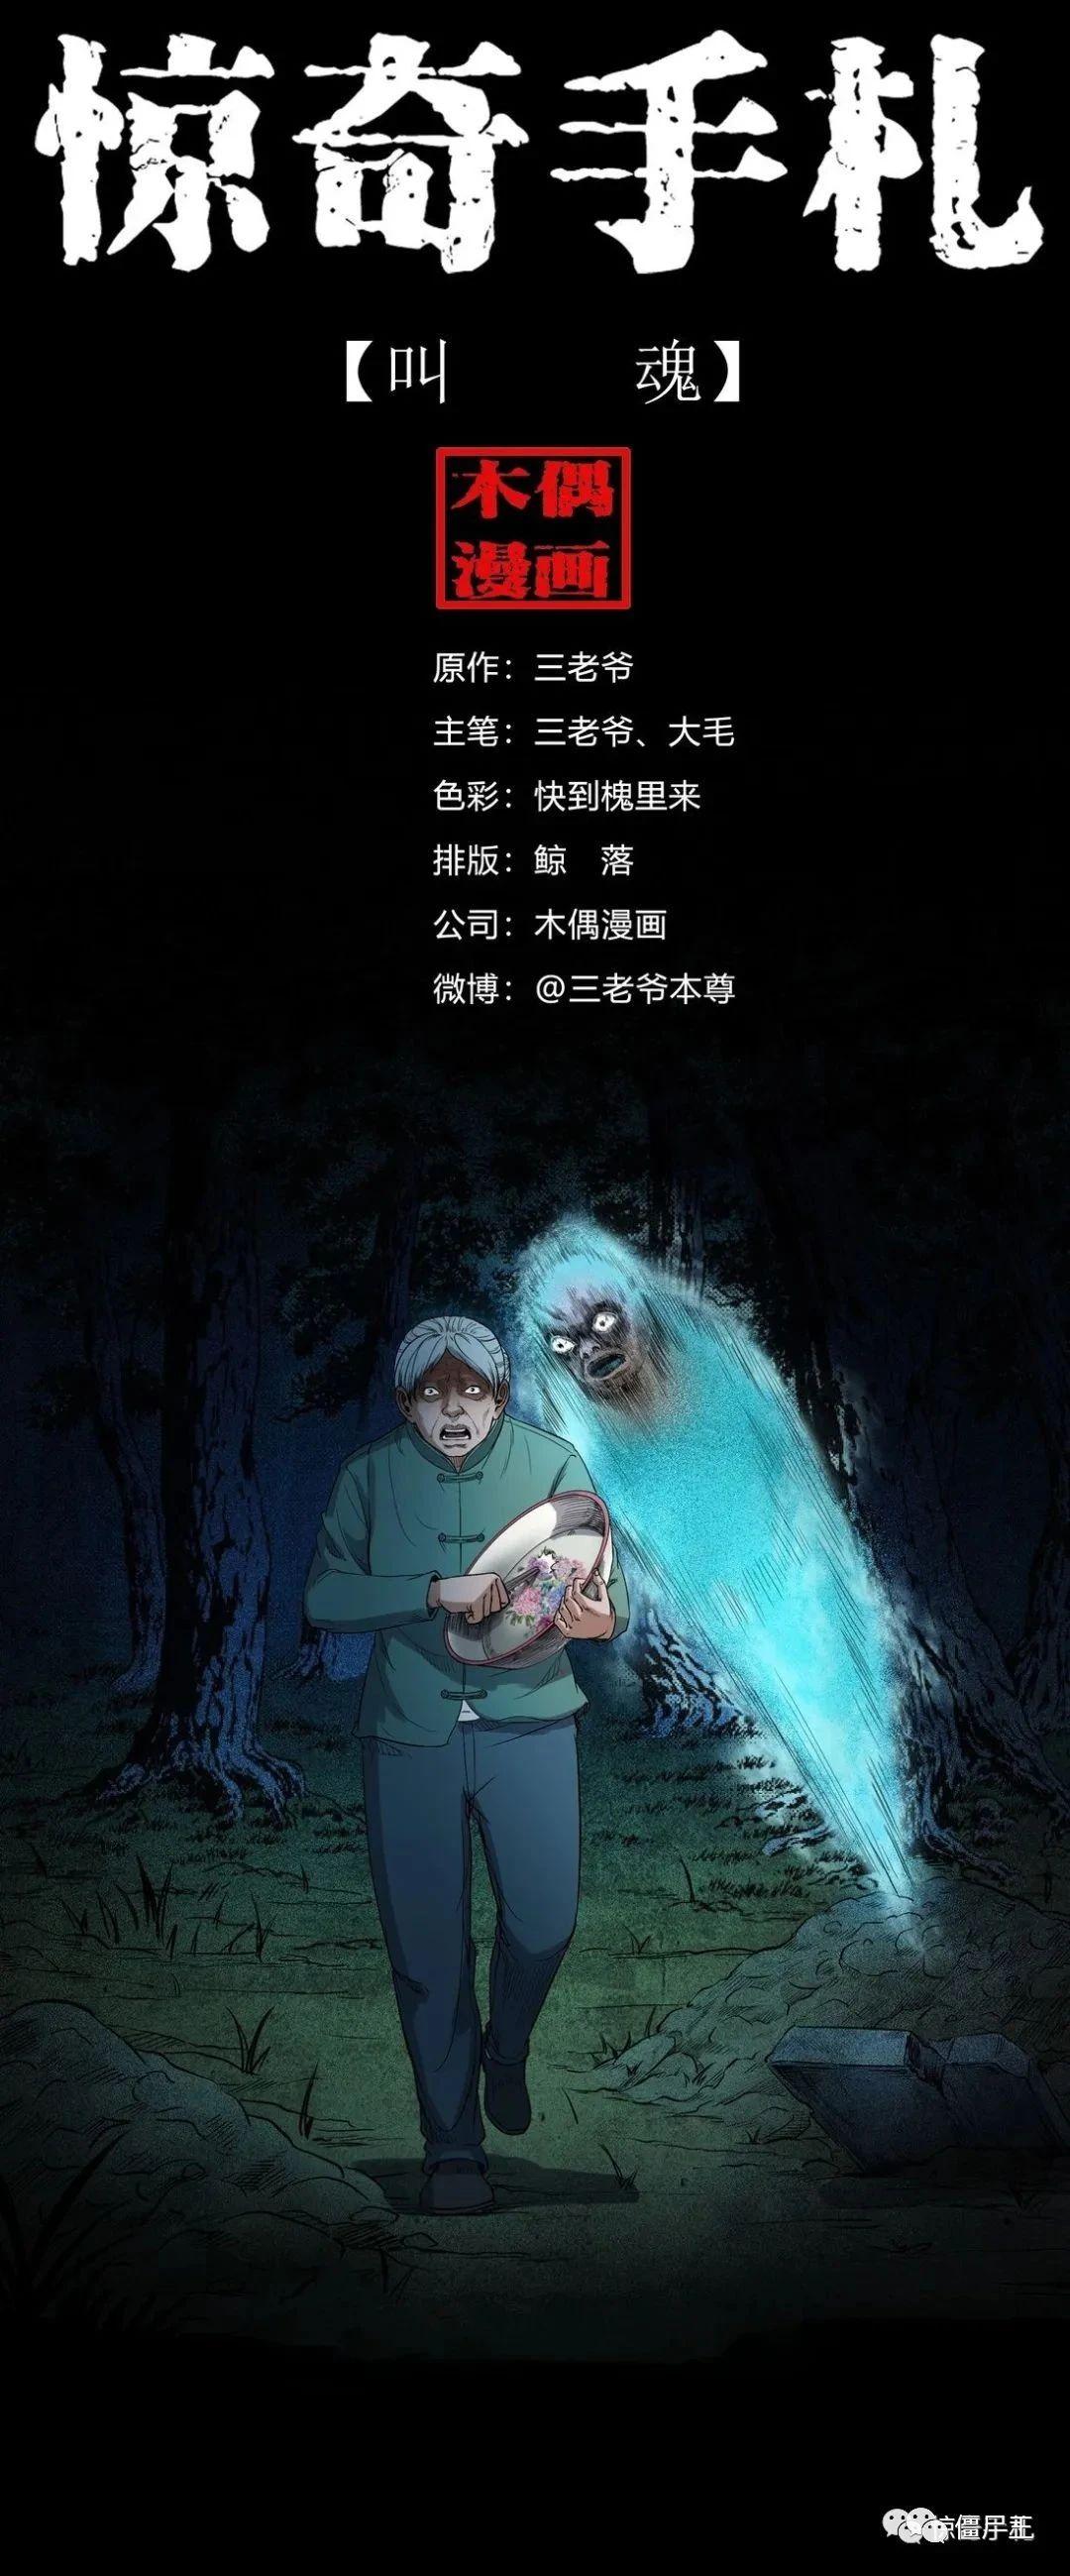 僵尸王漫画:惊奇手札之叫魂